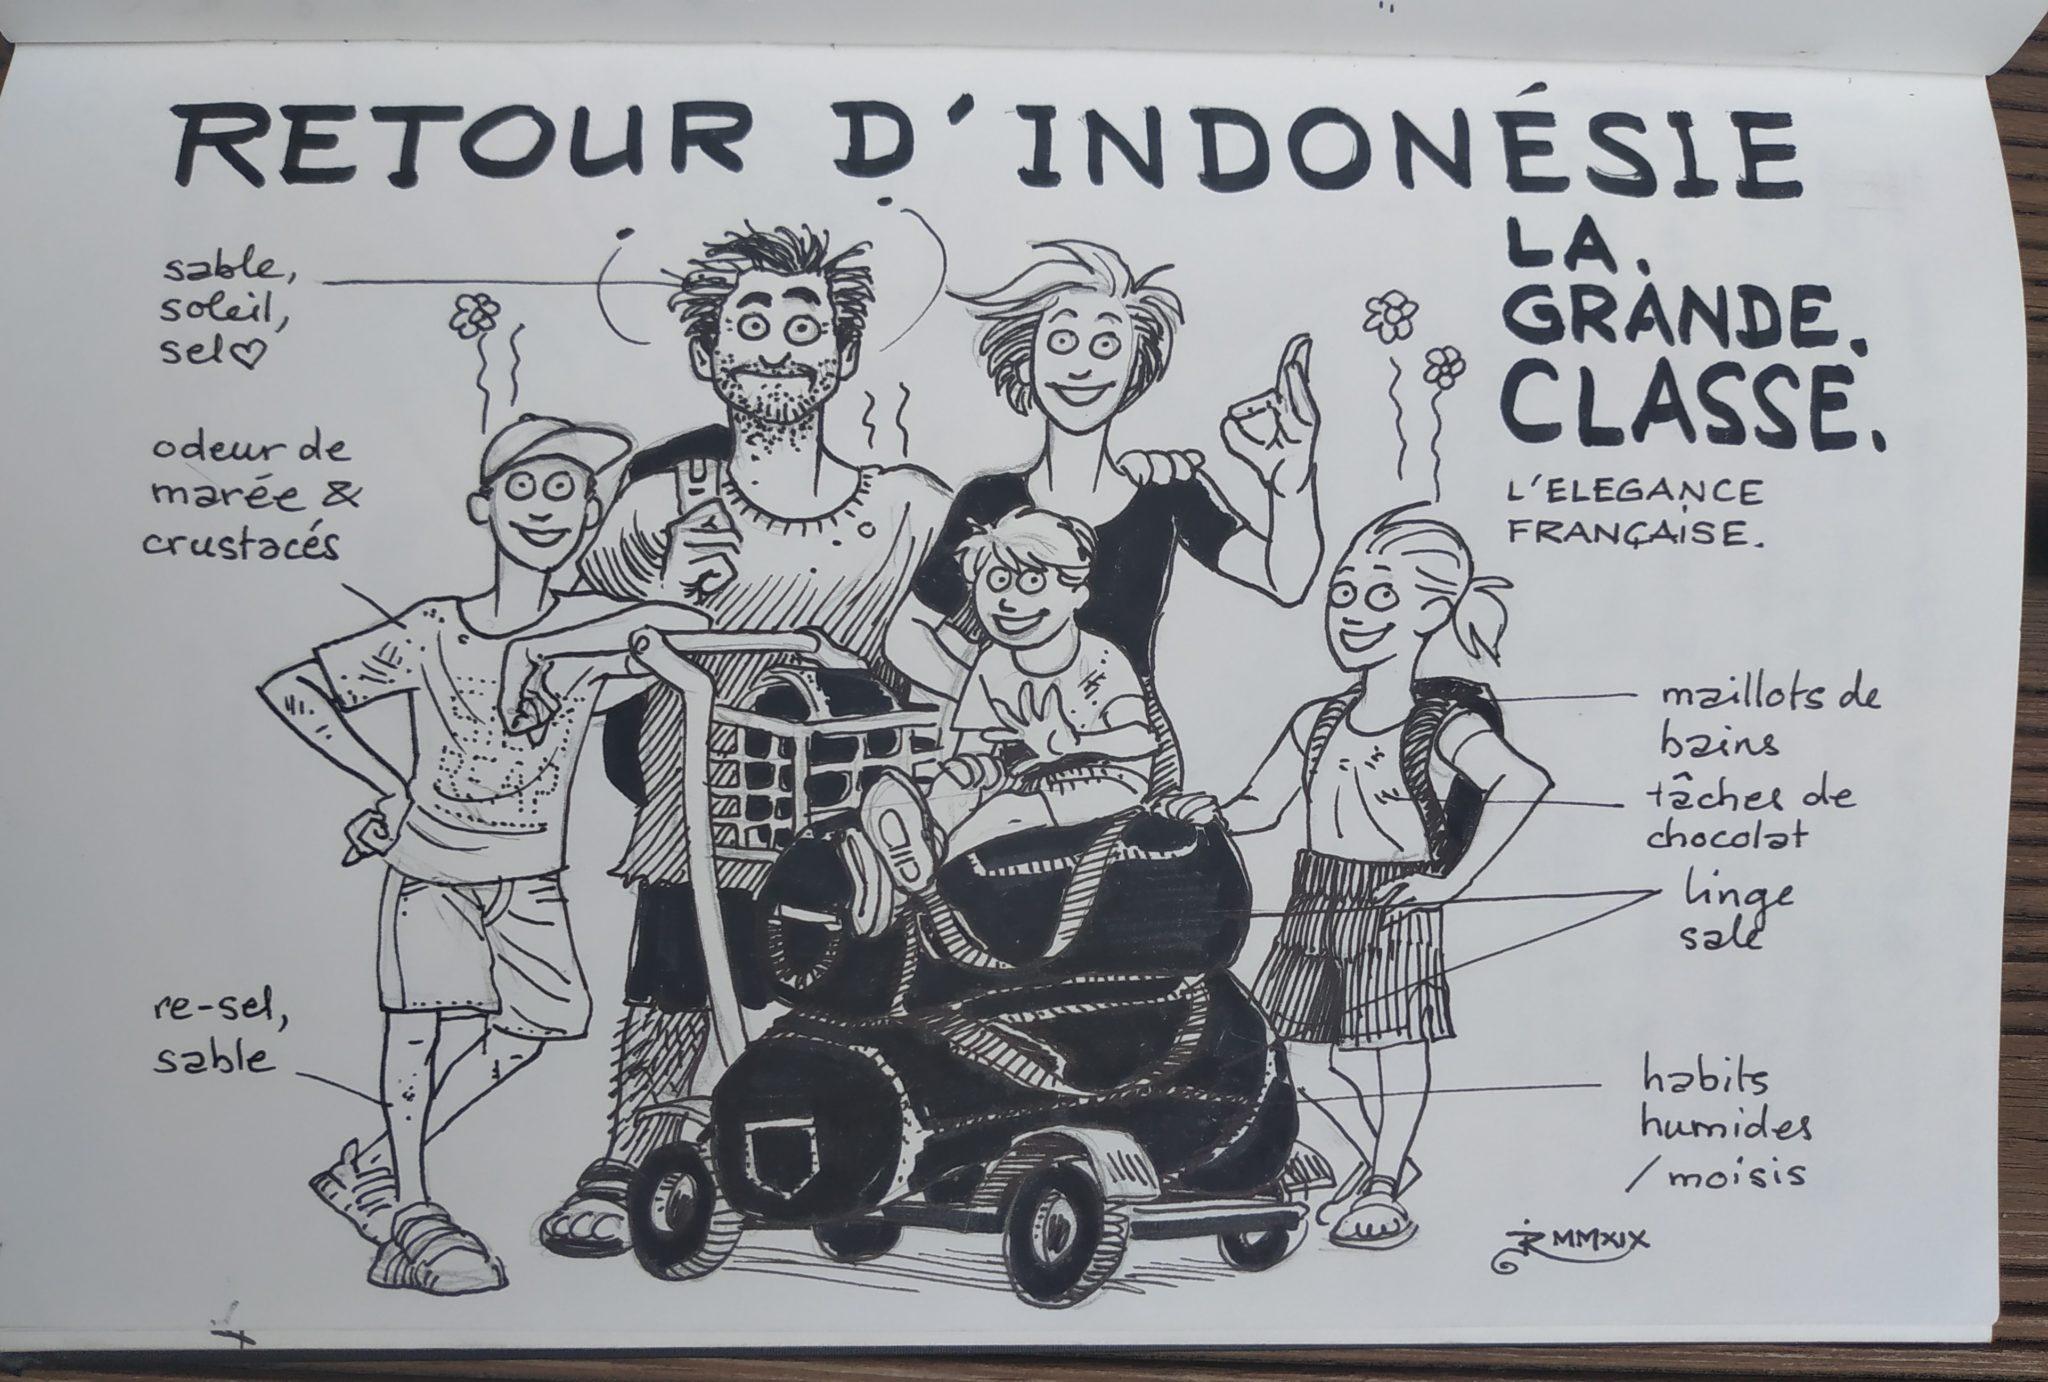 Retour d'Indonésie - la famille craspec (dessin)